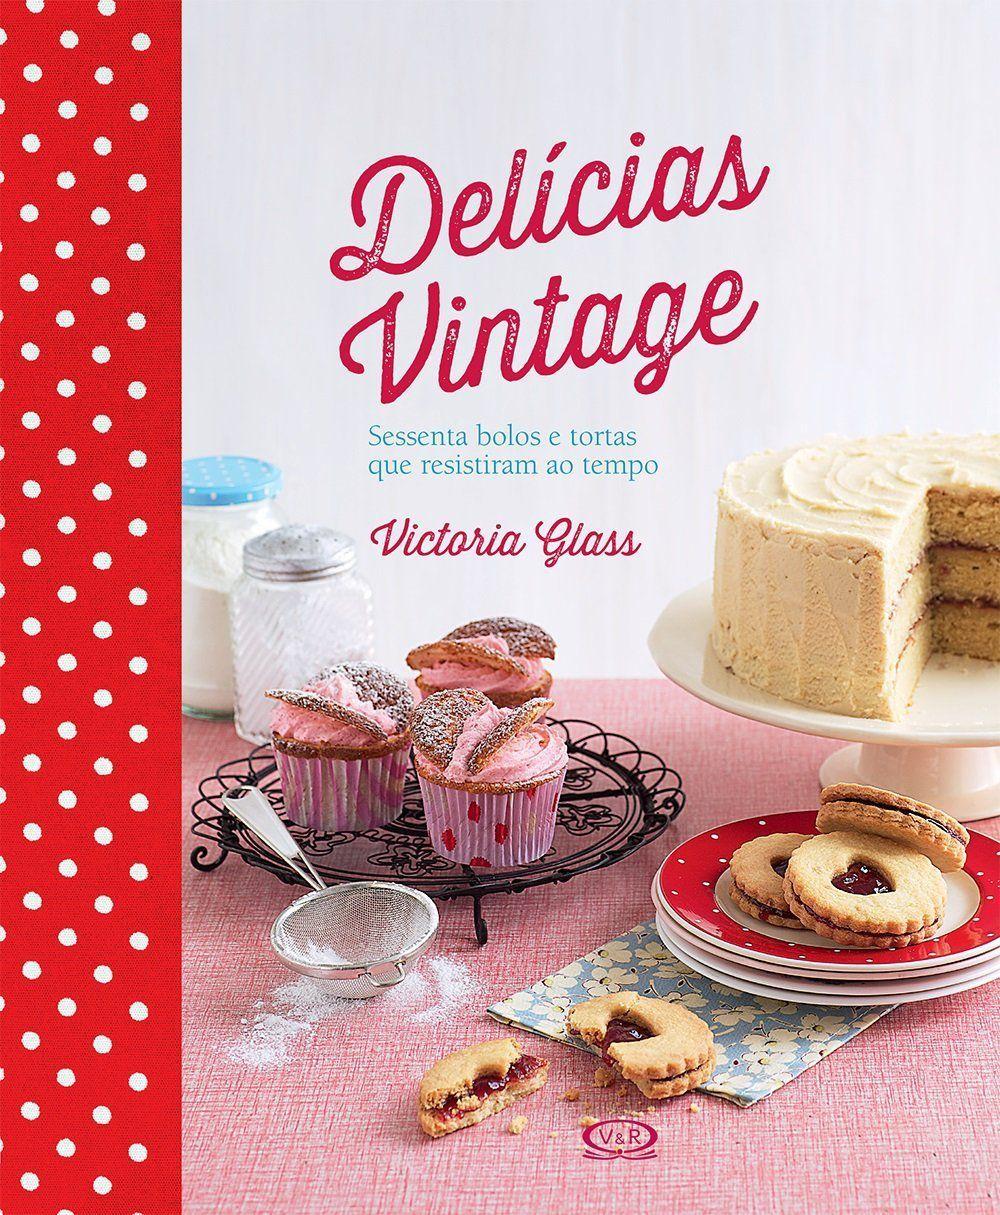 Delícias vintage - sessenta bolos e tortas que resistiram ao tempo